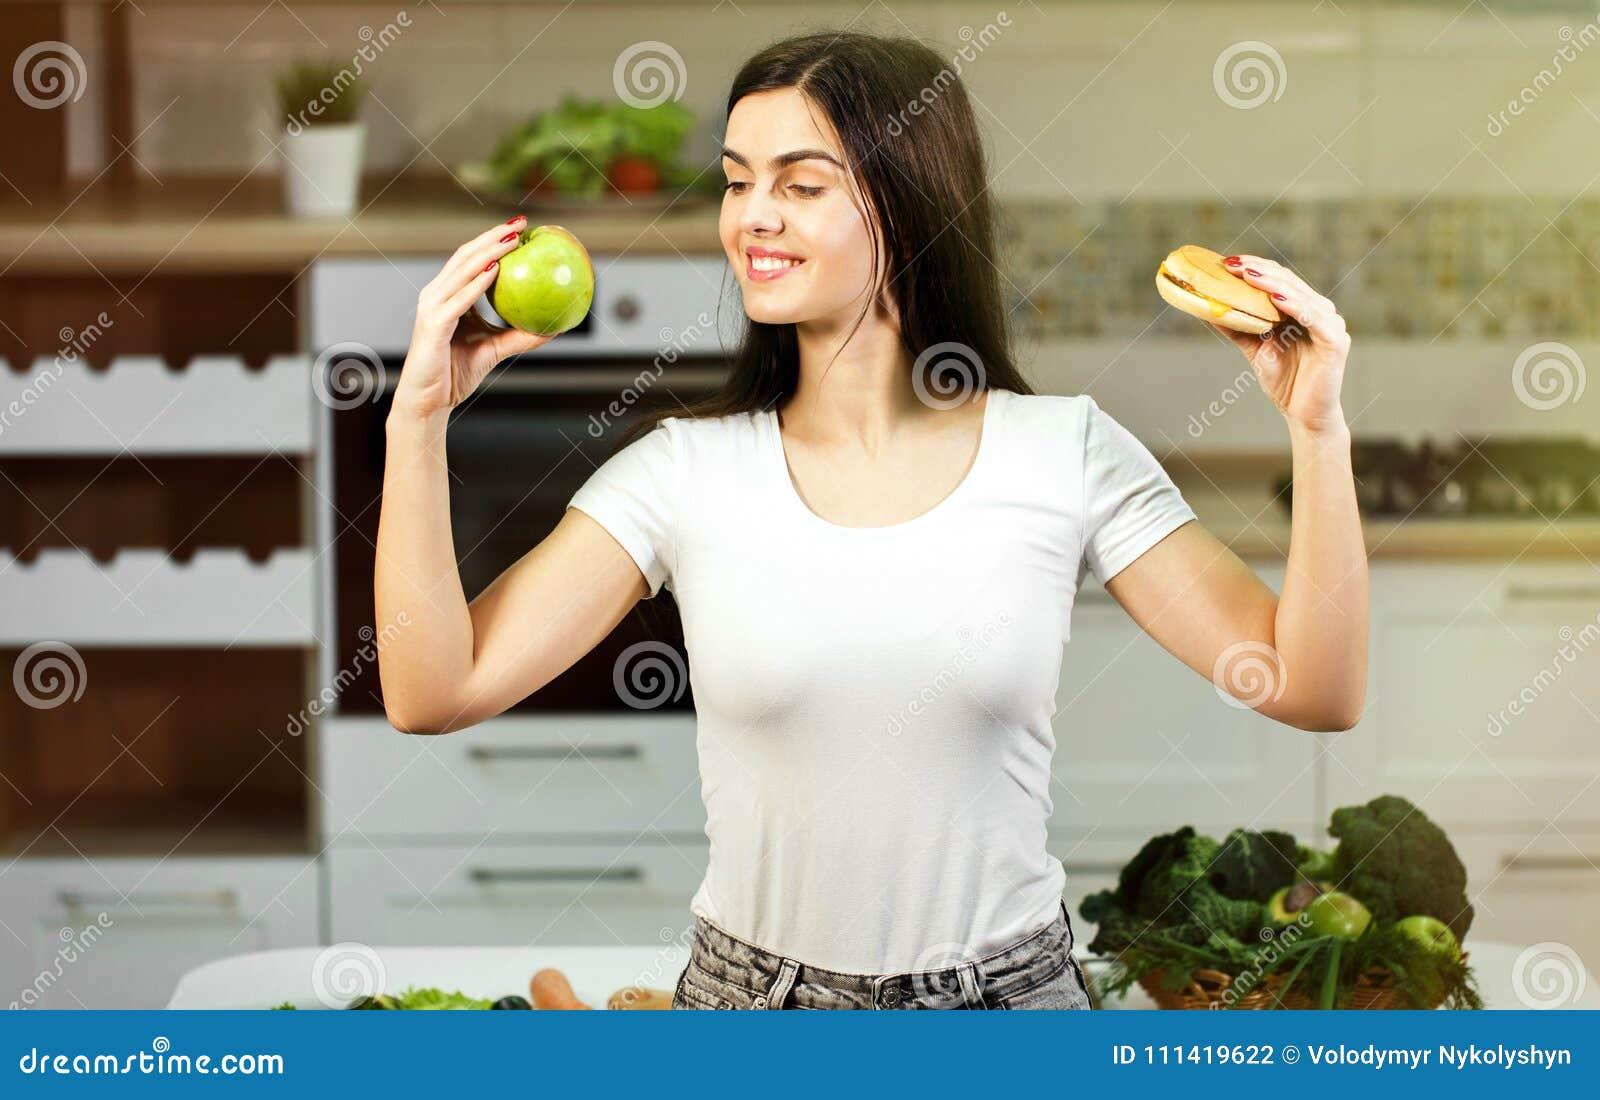 Kvinnan avgör mellan Apple och hamburgaren